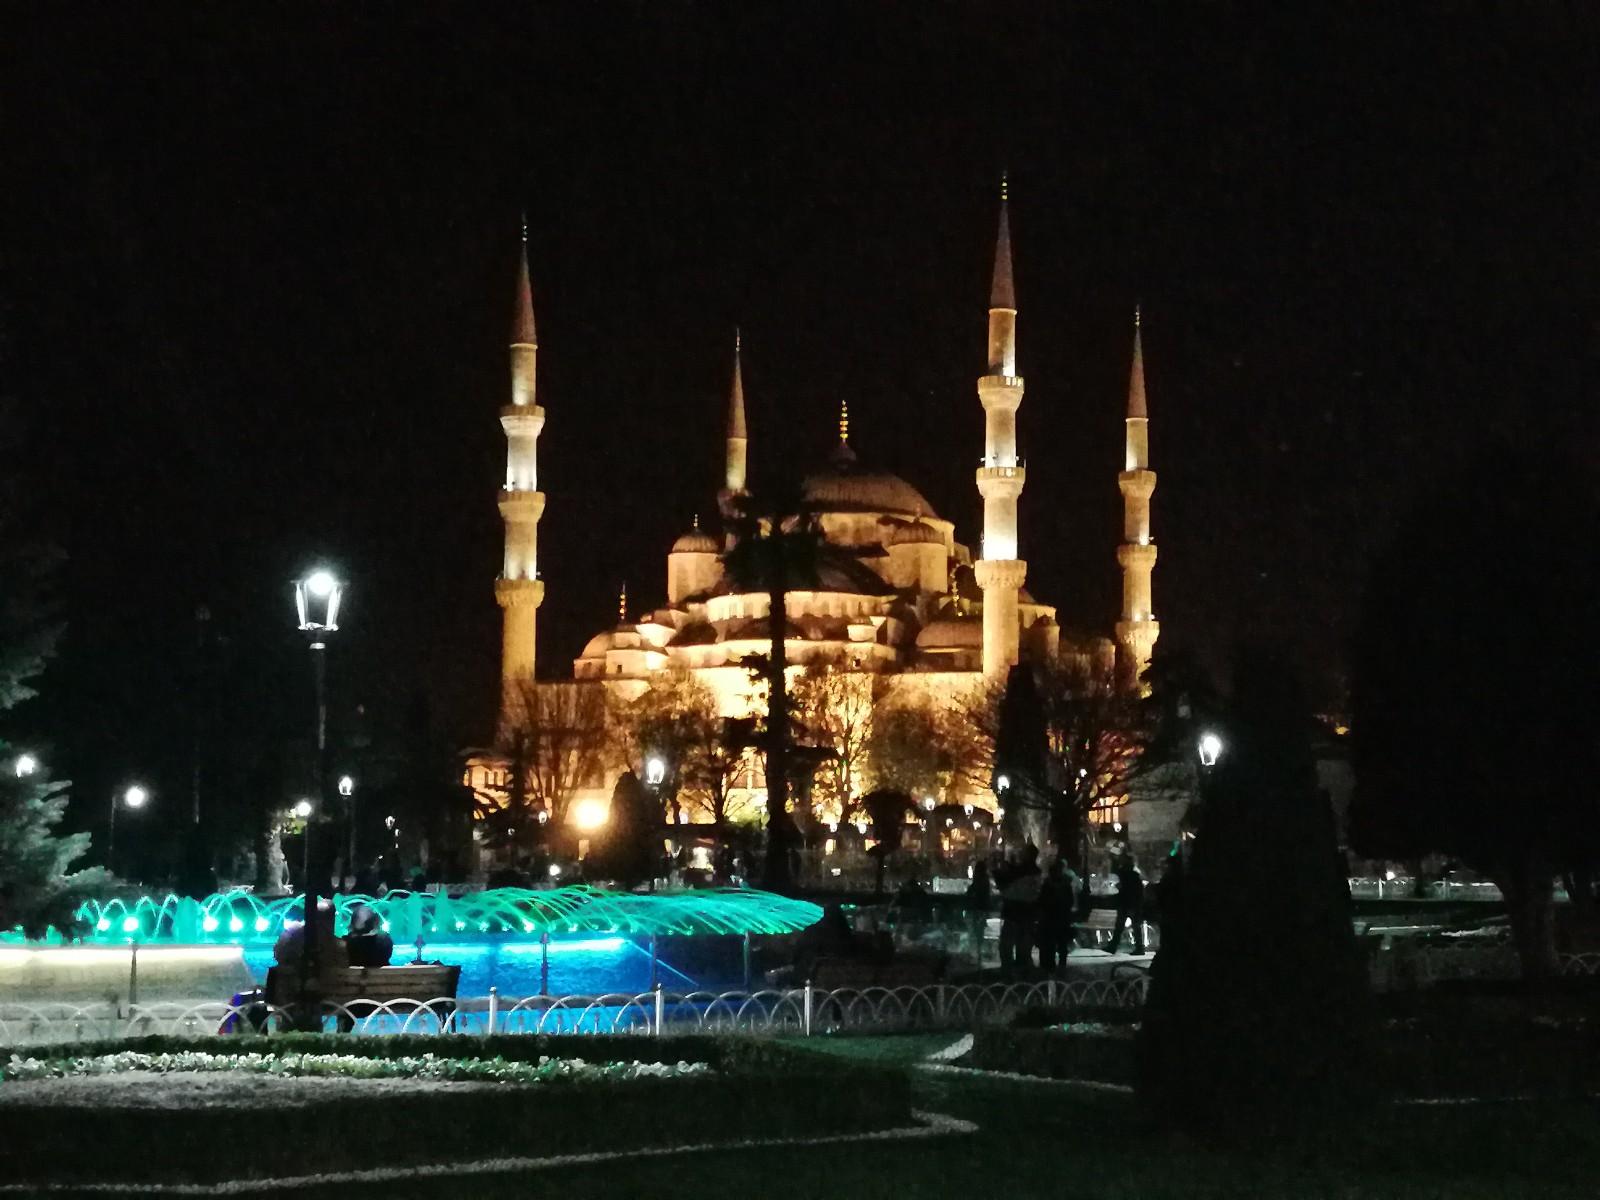 土耳其位置/面积/经济历史/货币/签证/着装/气候/土耳其插座